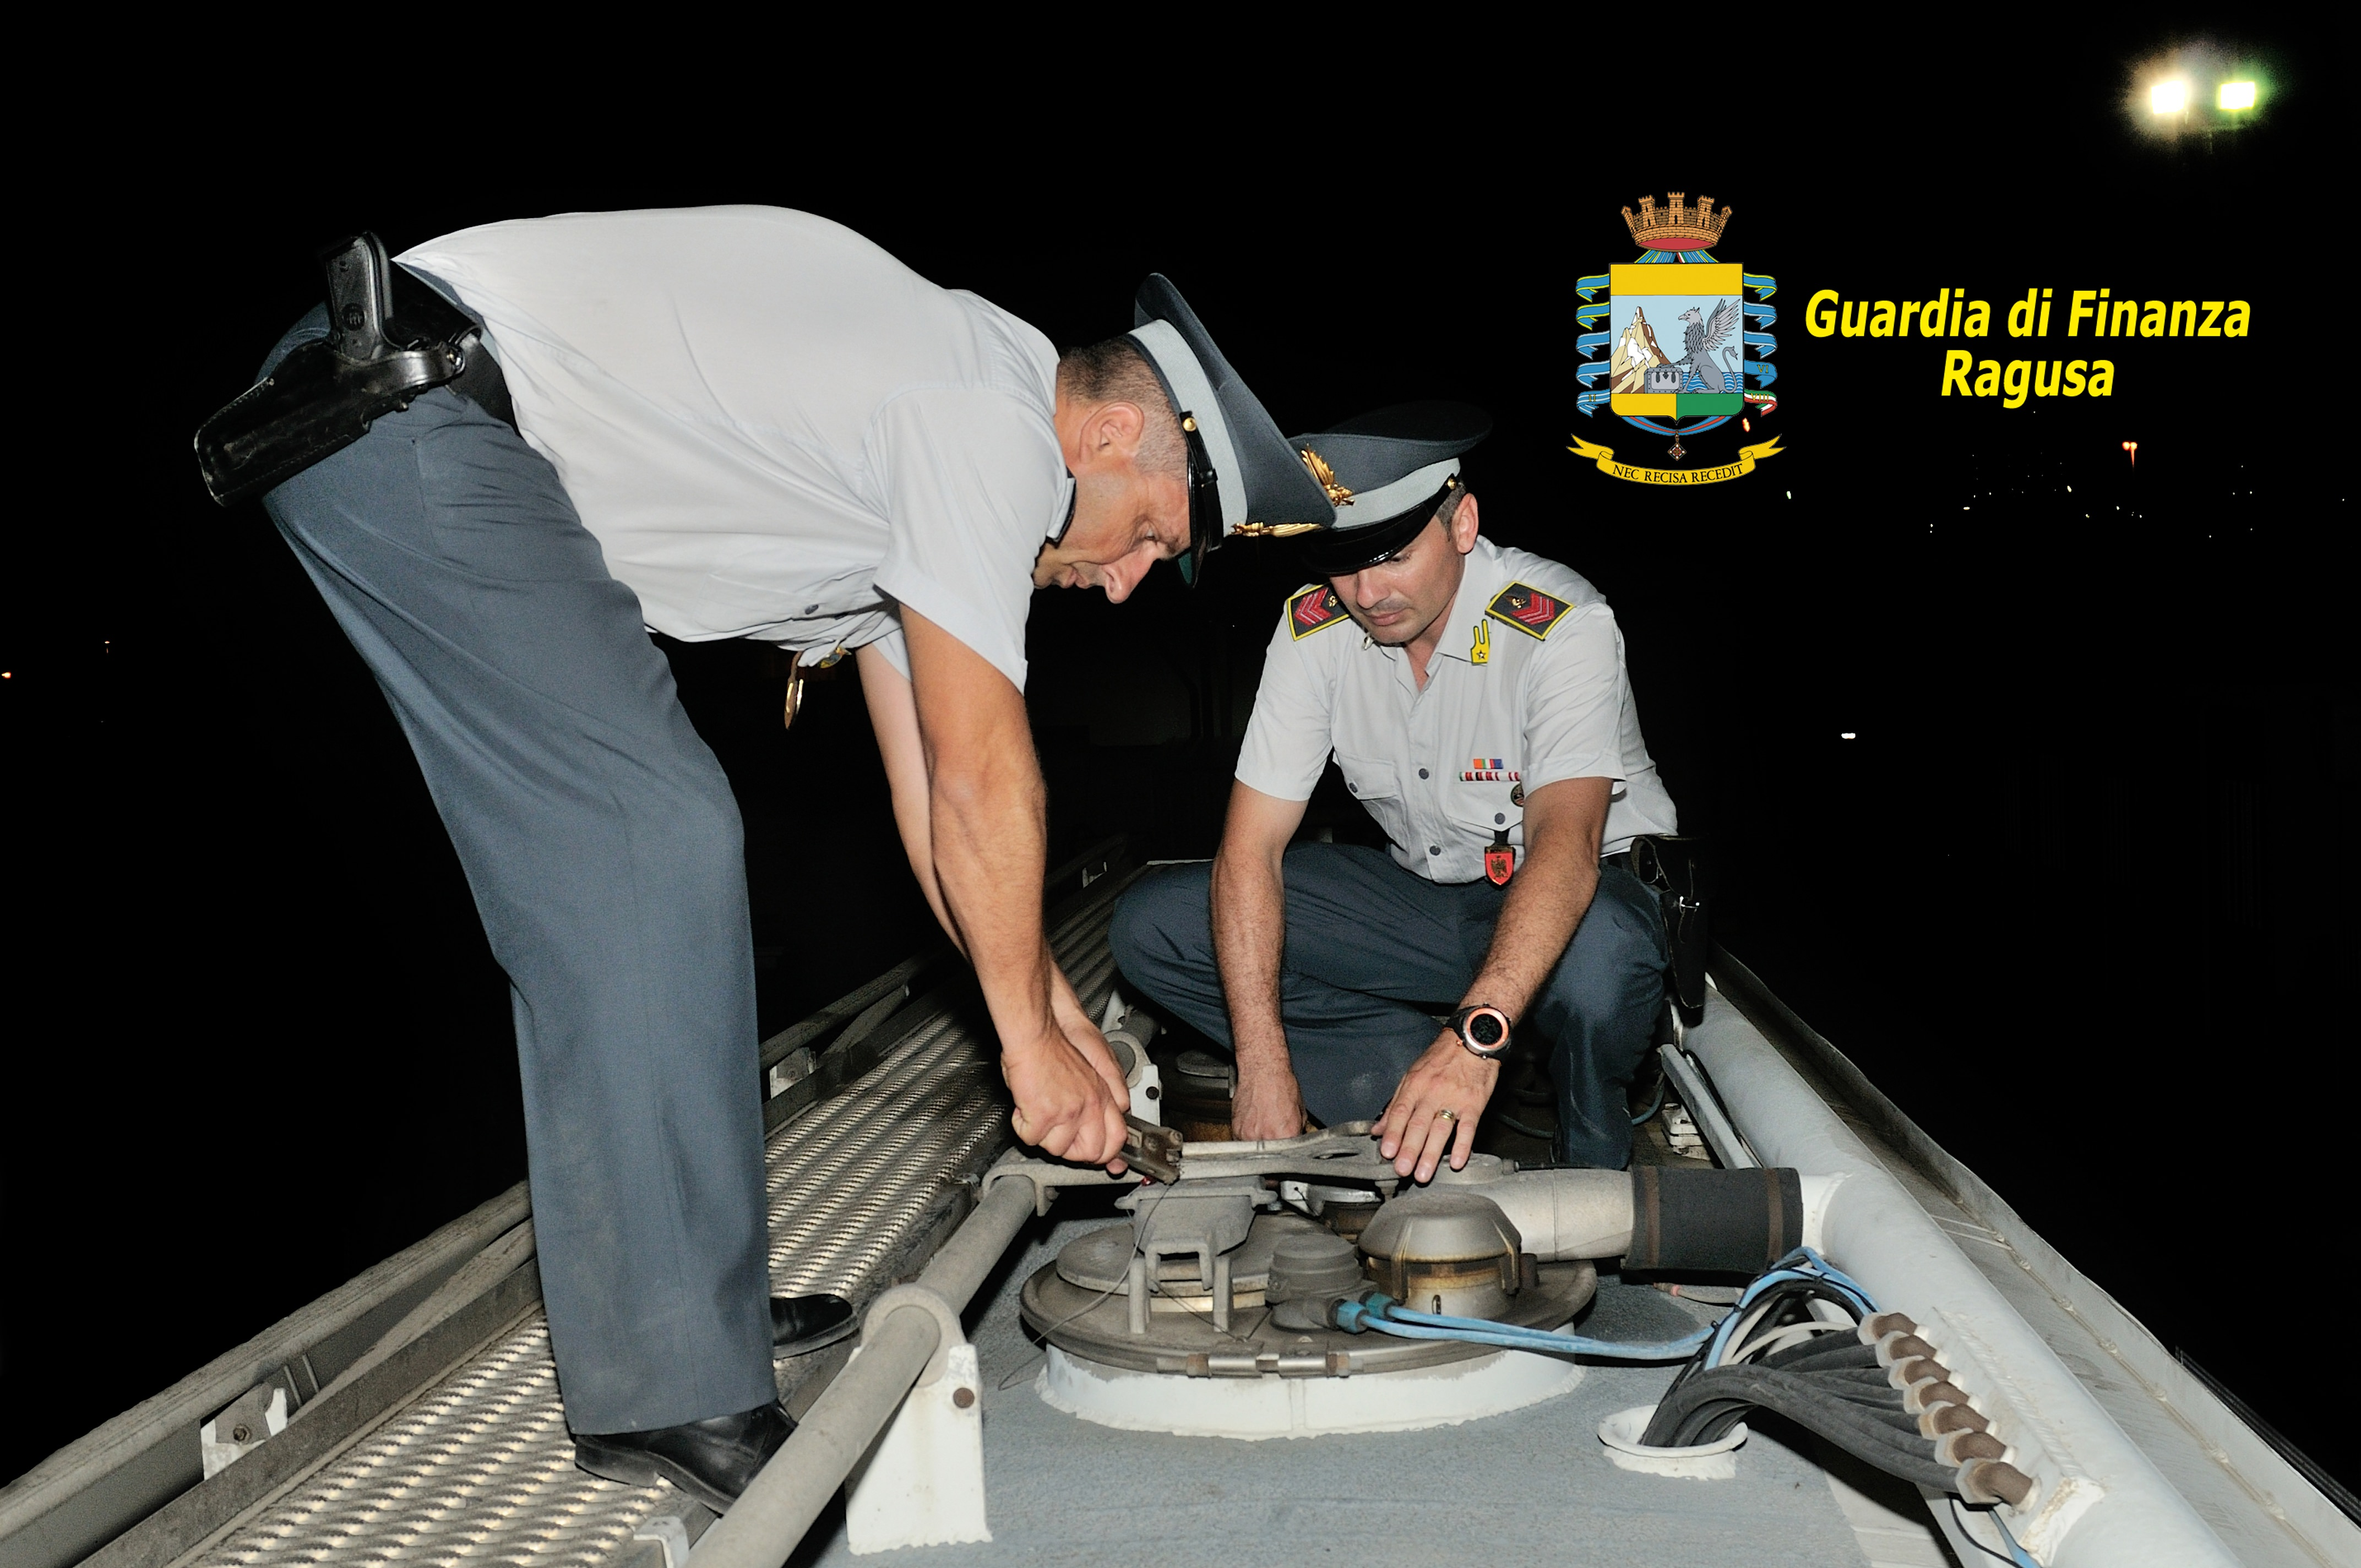 """Operazione """"Ippary Green Fuel"""": denunciate 10 persone per contrabbando di carburante agricolo"""